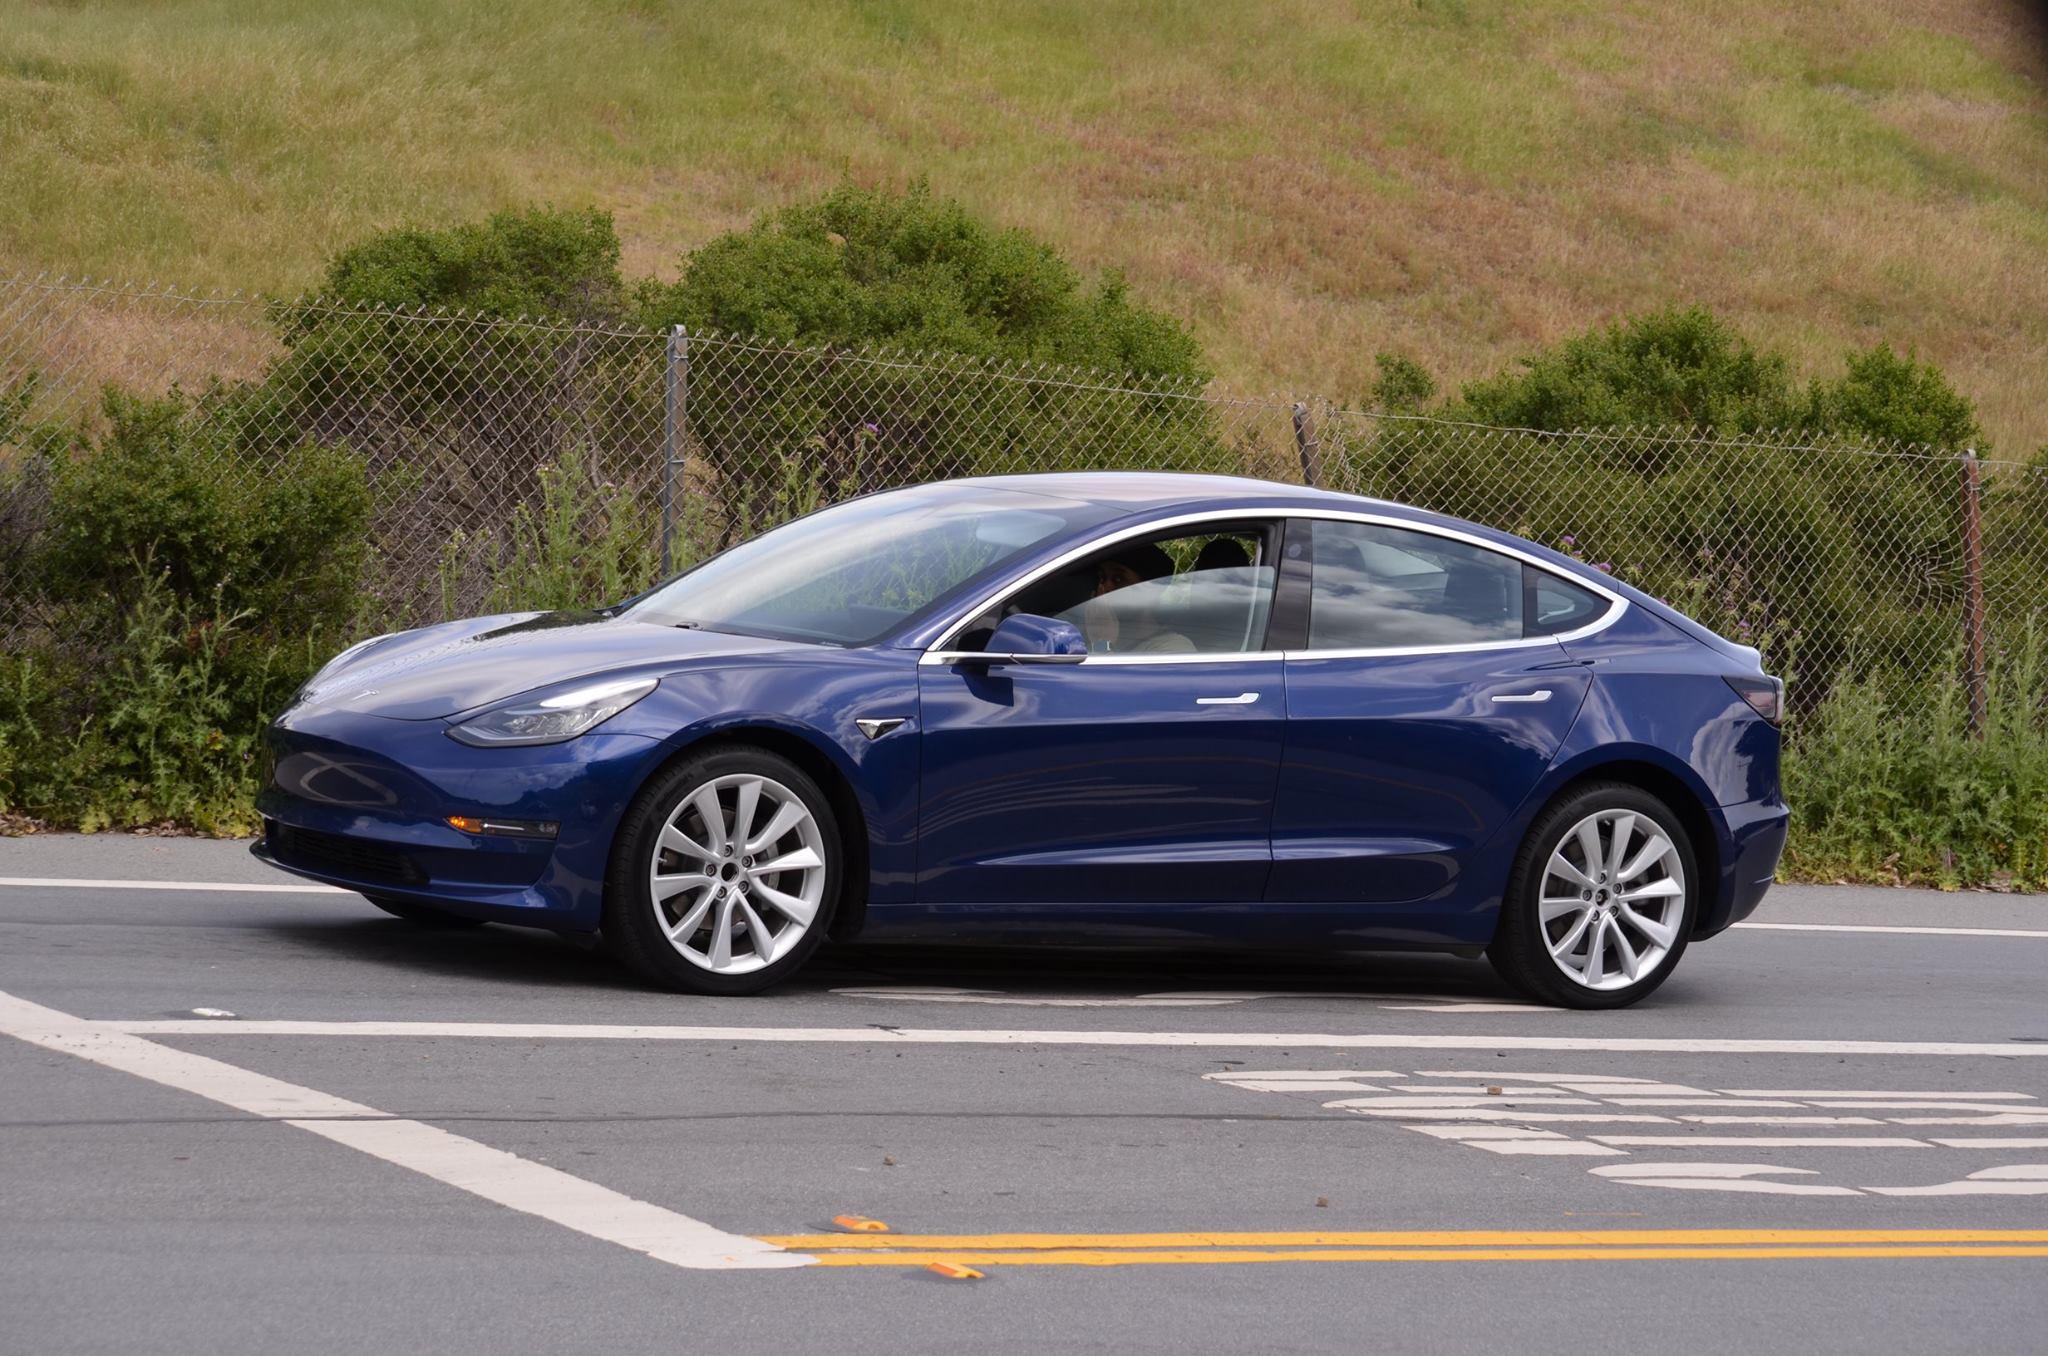 Hackean El Tesla Model 3 Y Les Regalan Un Auto Y 375 Mil